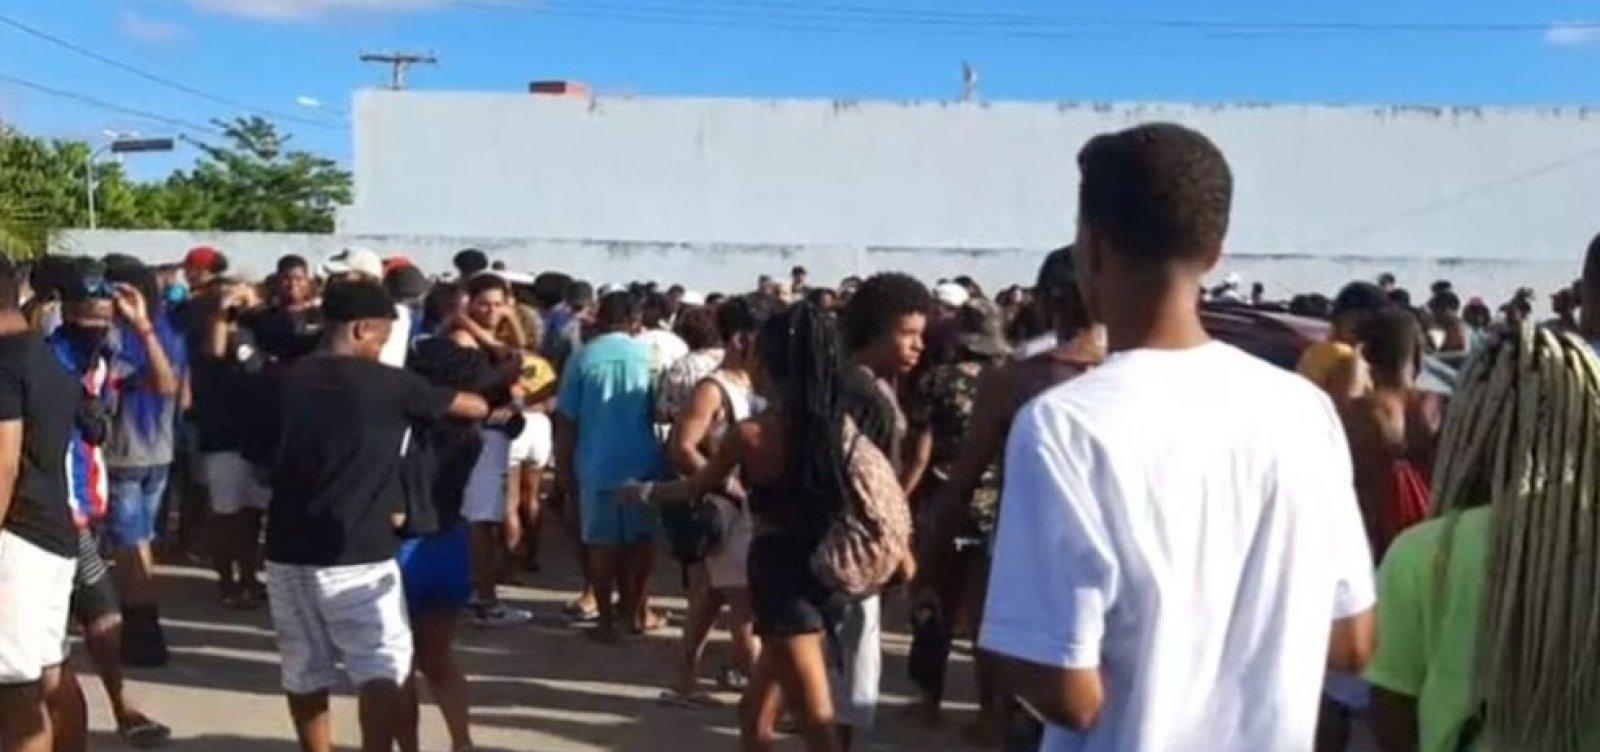 Polícia encerra festa clandestina com 400 pessoas em Itapuã